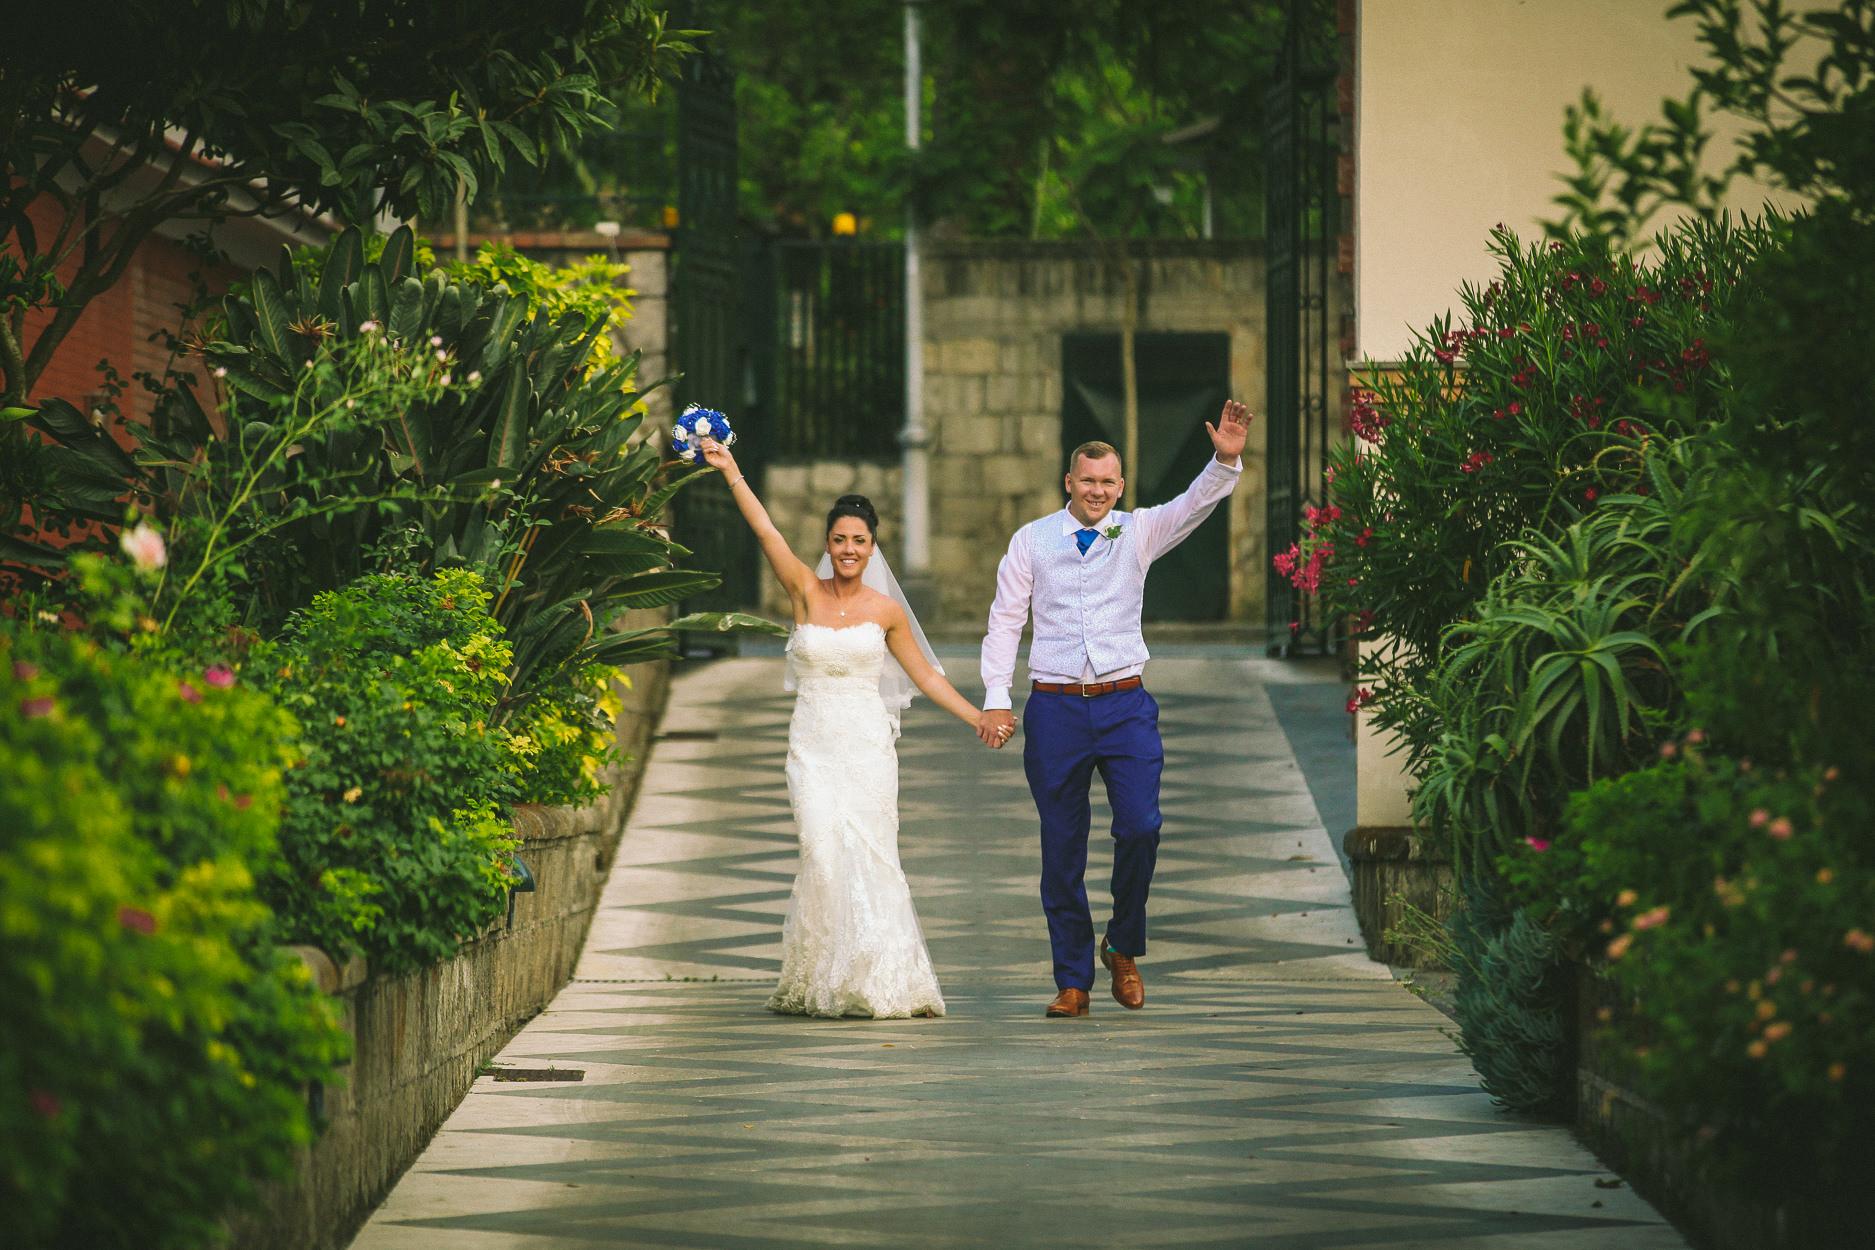 English-Wedding-Photographer-Photography-Sorrento-Italy-Documentary-wedding-photography-44